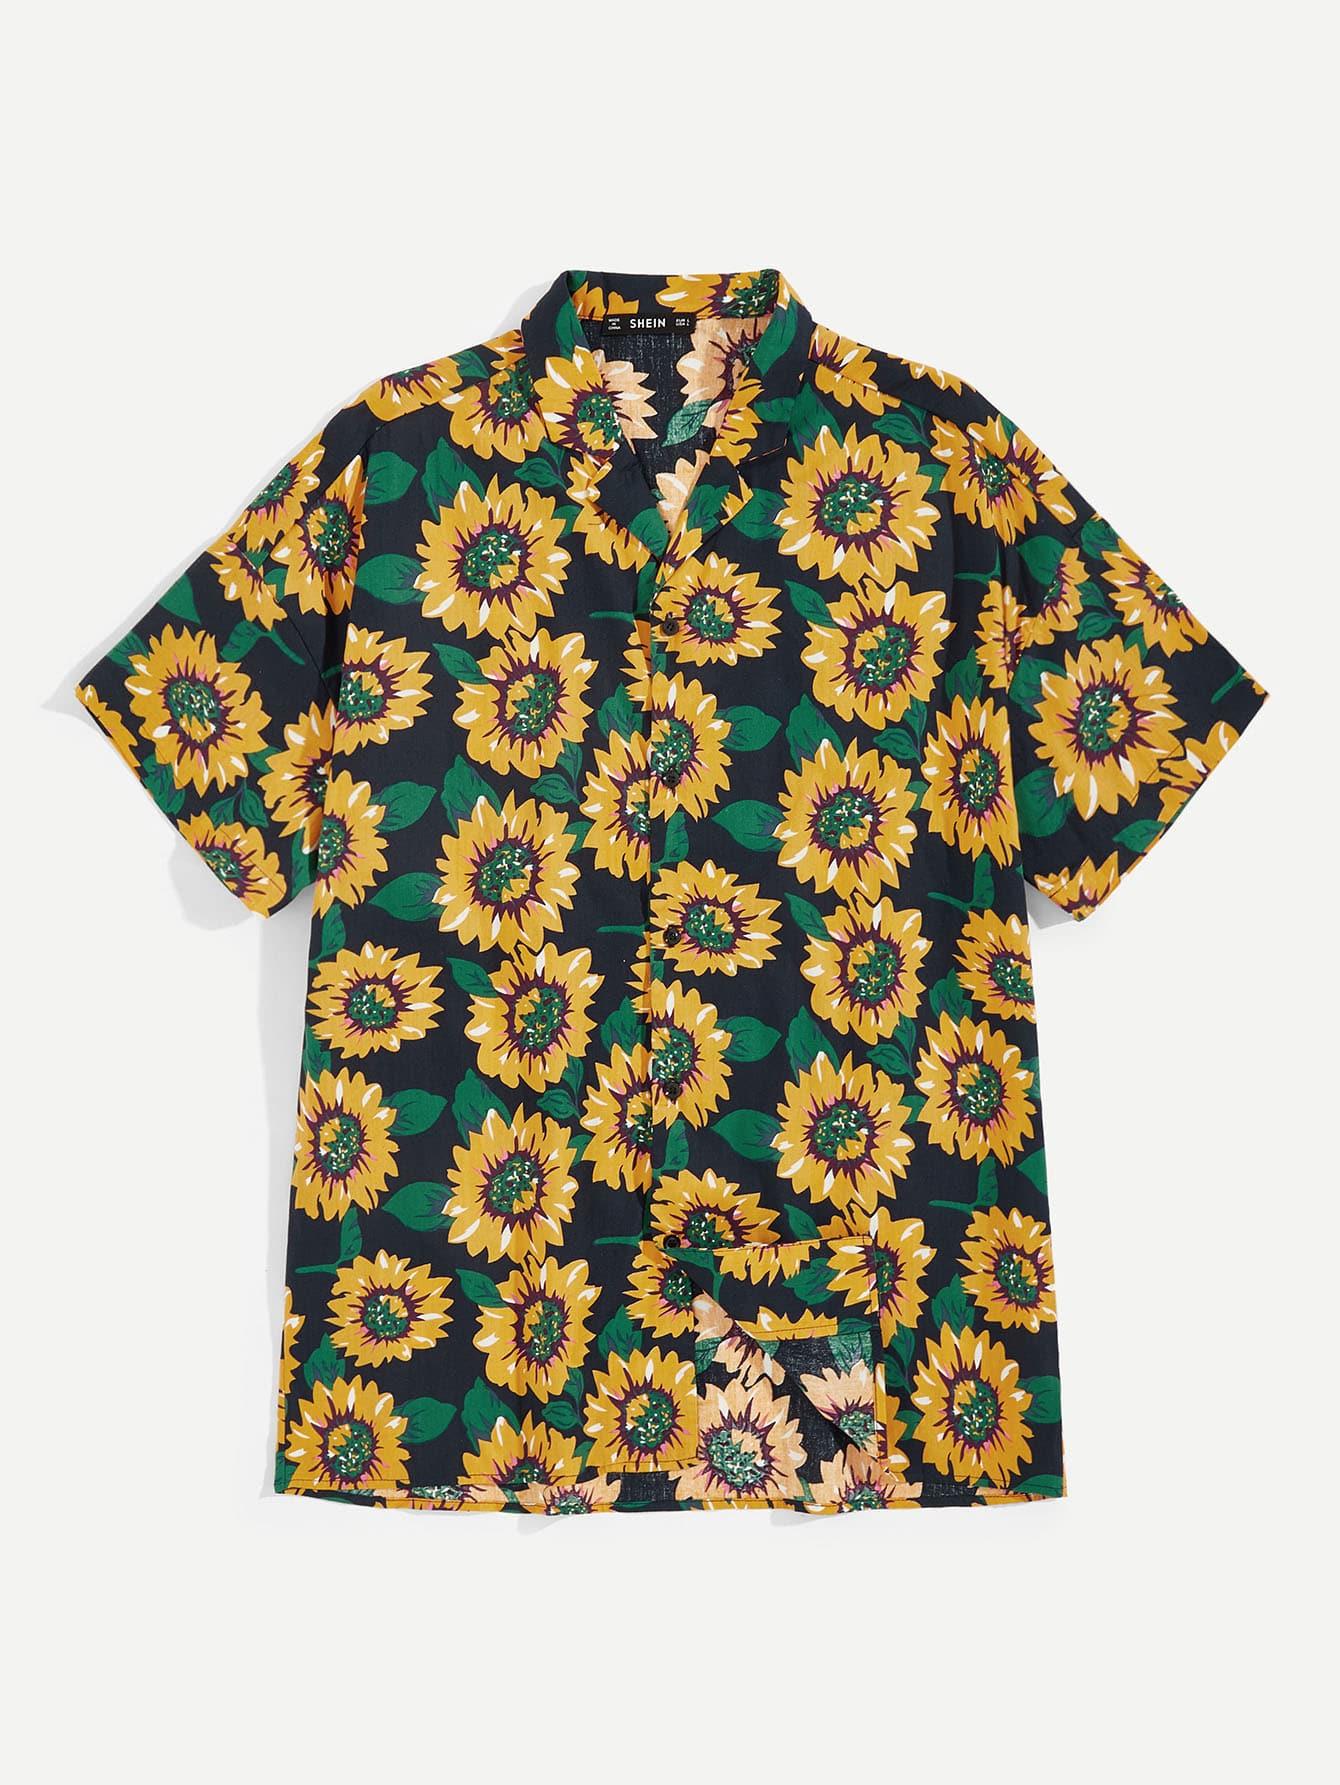 Купить Мужская рубашка с принтом подсолнуха, null, SheIn